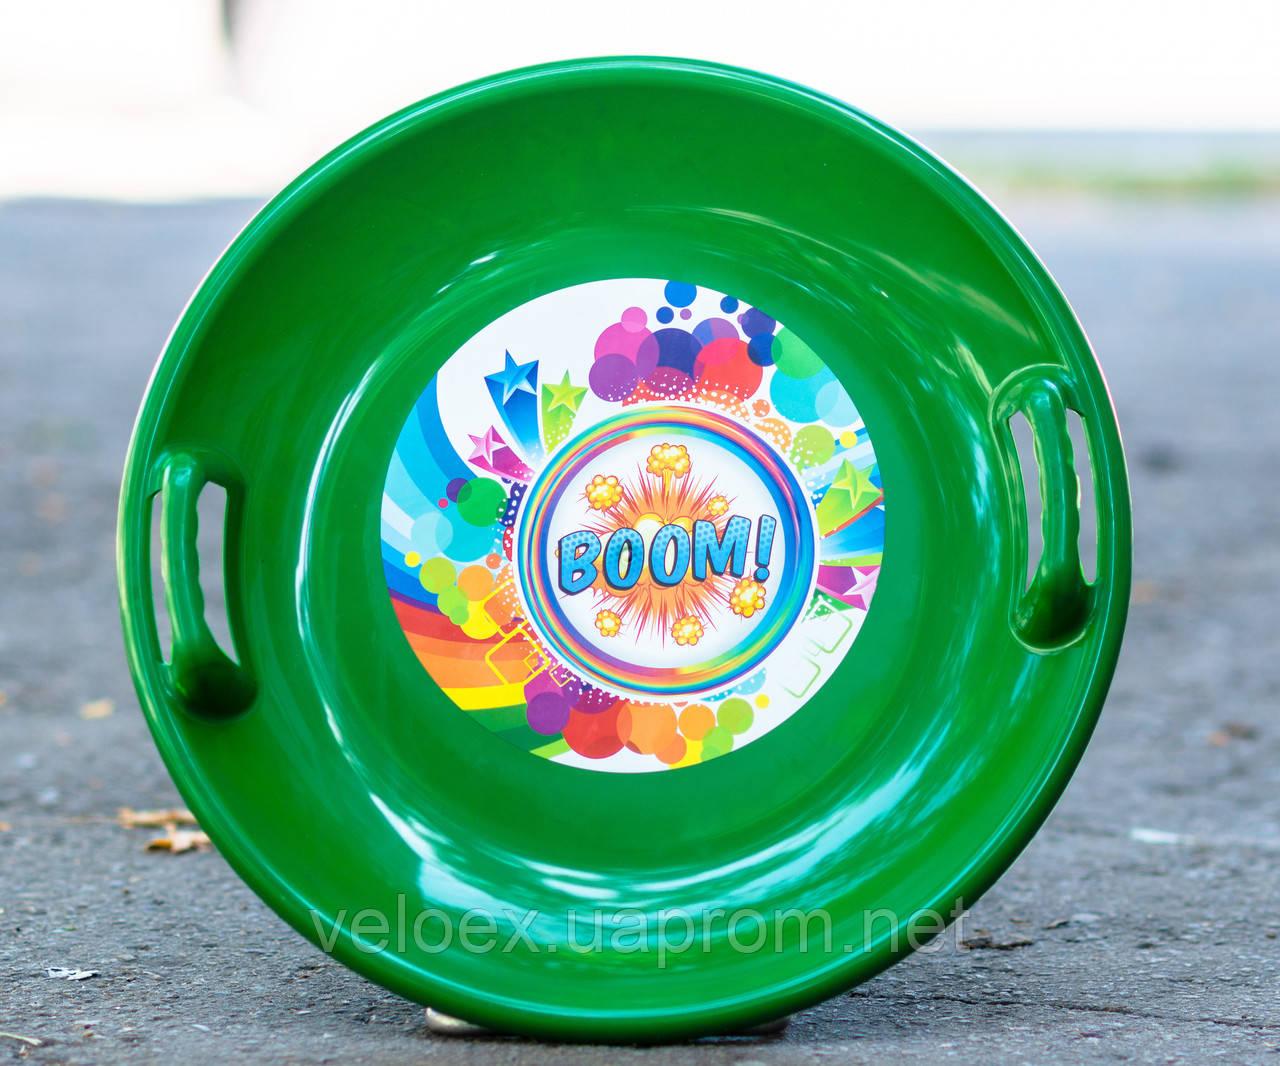 Тарелка Kimet зеленая